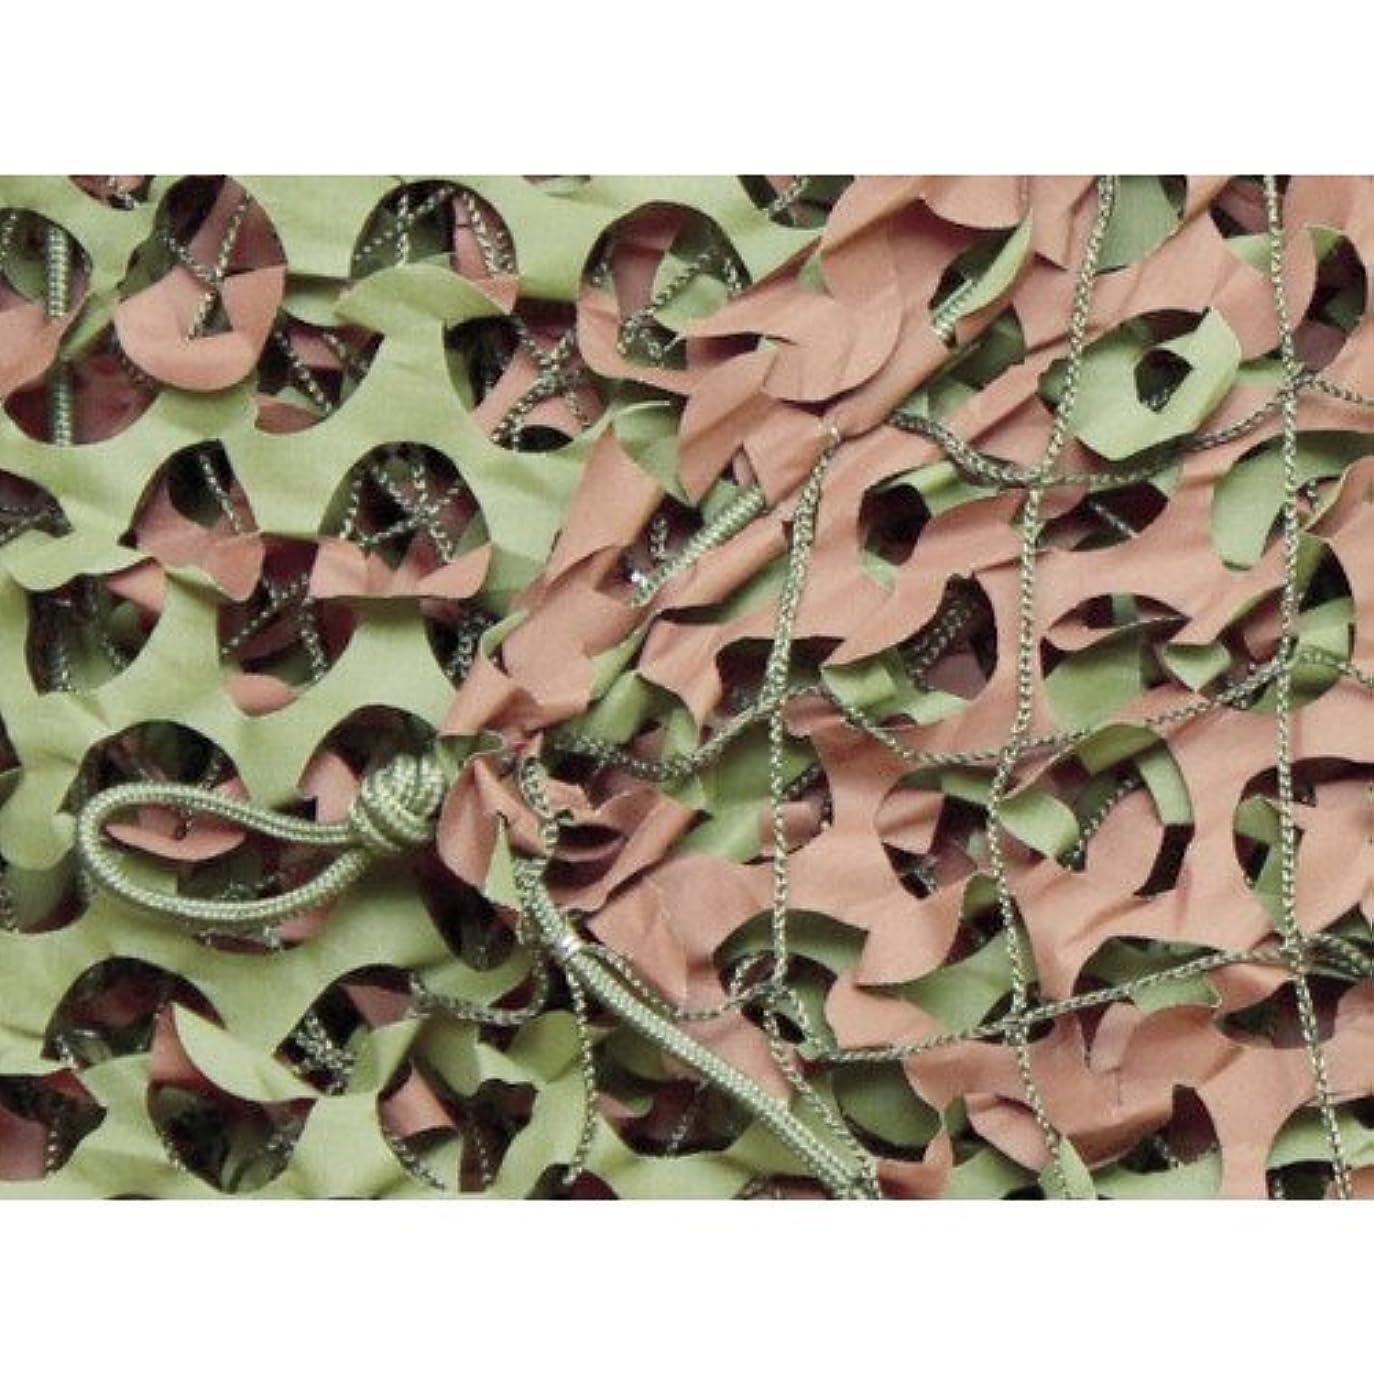 専門用語そよ風敵対的トラスコ中山 CAMO ベーシック レギュラーXミリタリー グリーン&ブラウン 1.8mX3m WM12